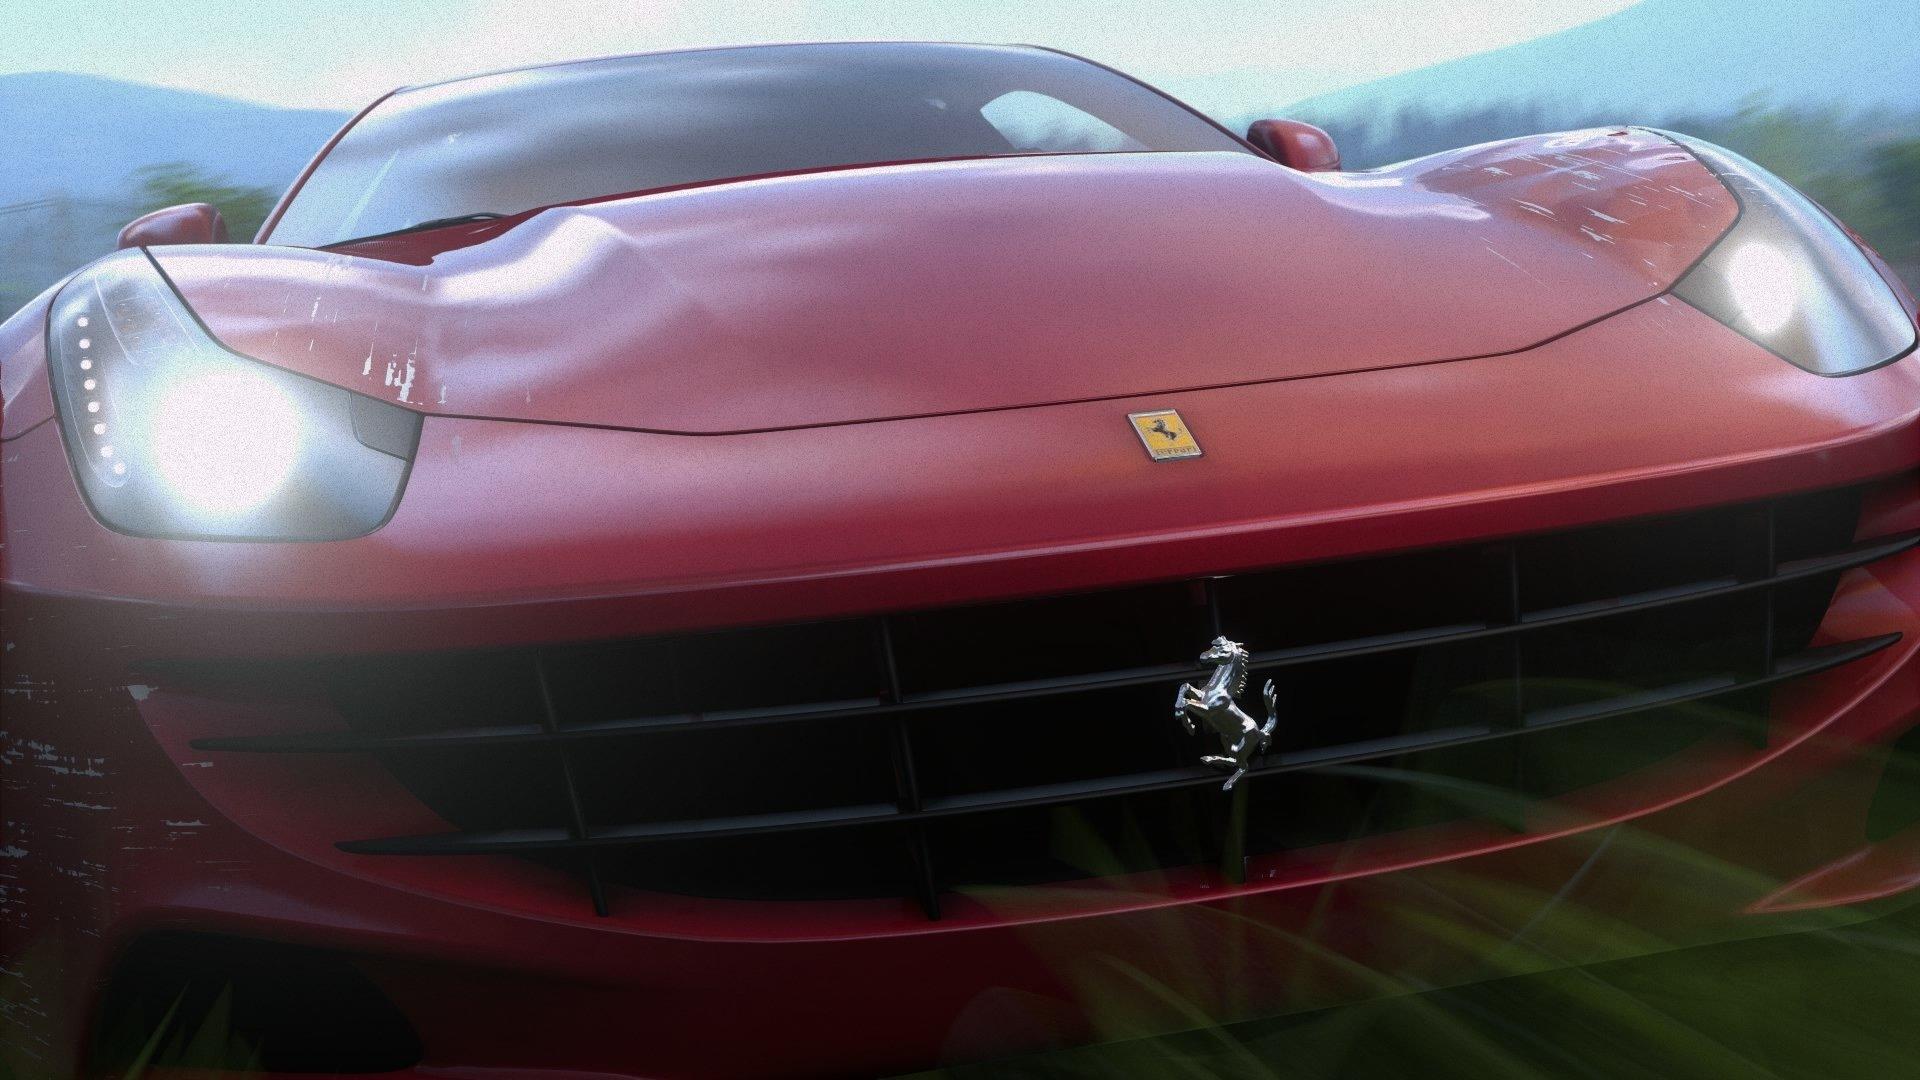 Fondo Escritorio Ferrari F12 Berlinetta: Ferrari F12 Berlinetta Full HD Fondo De Pantalla And Fondo